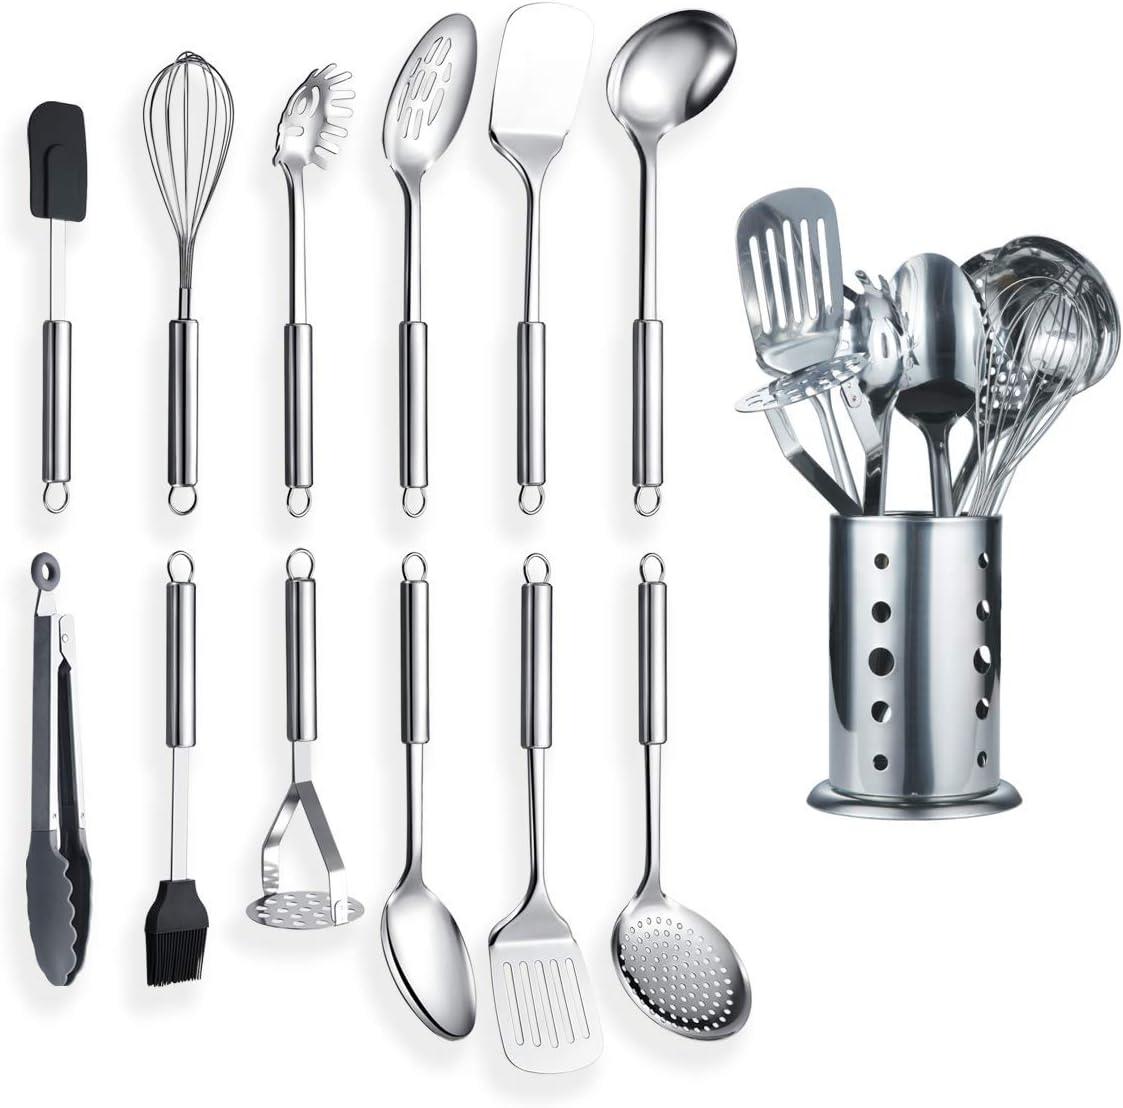 Berglander Utensilio de cocina de acero inoxidable de 12 piezas con 1 soporte, cuchara de cocina, utensilios de cocina Utensilio de cocina con soporte. (13 piezas)